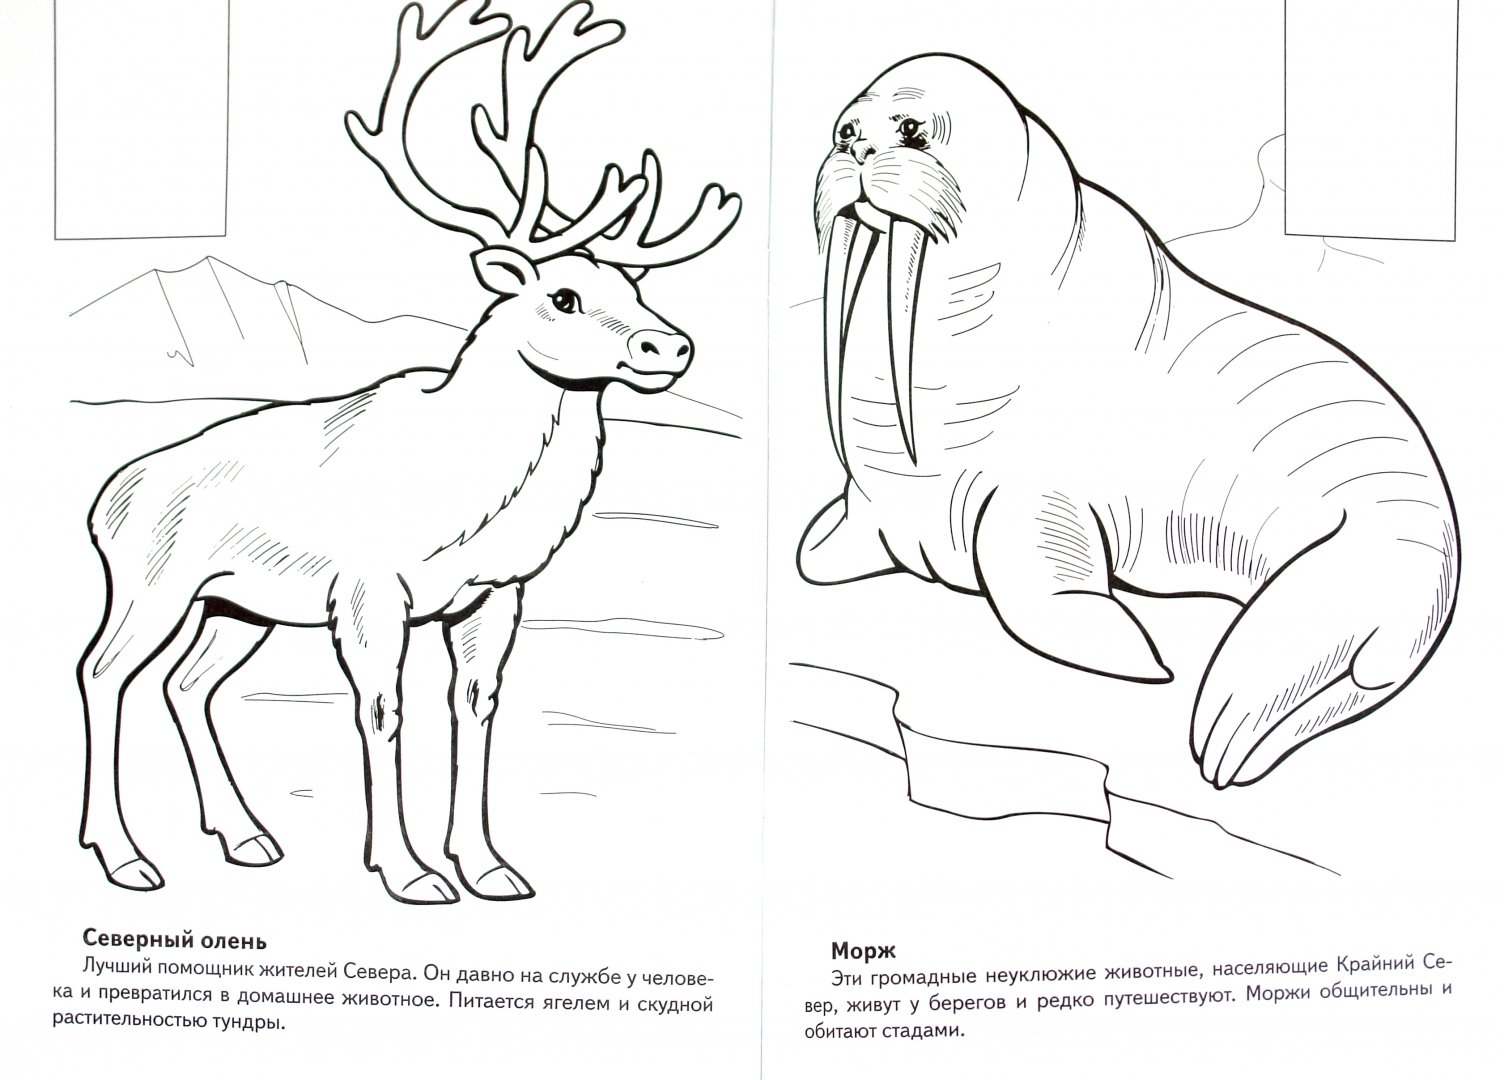 раскрасить картинку животного из красной книги предыдущих версиях делаем